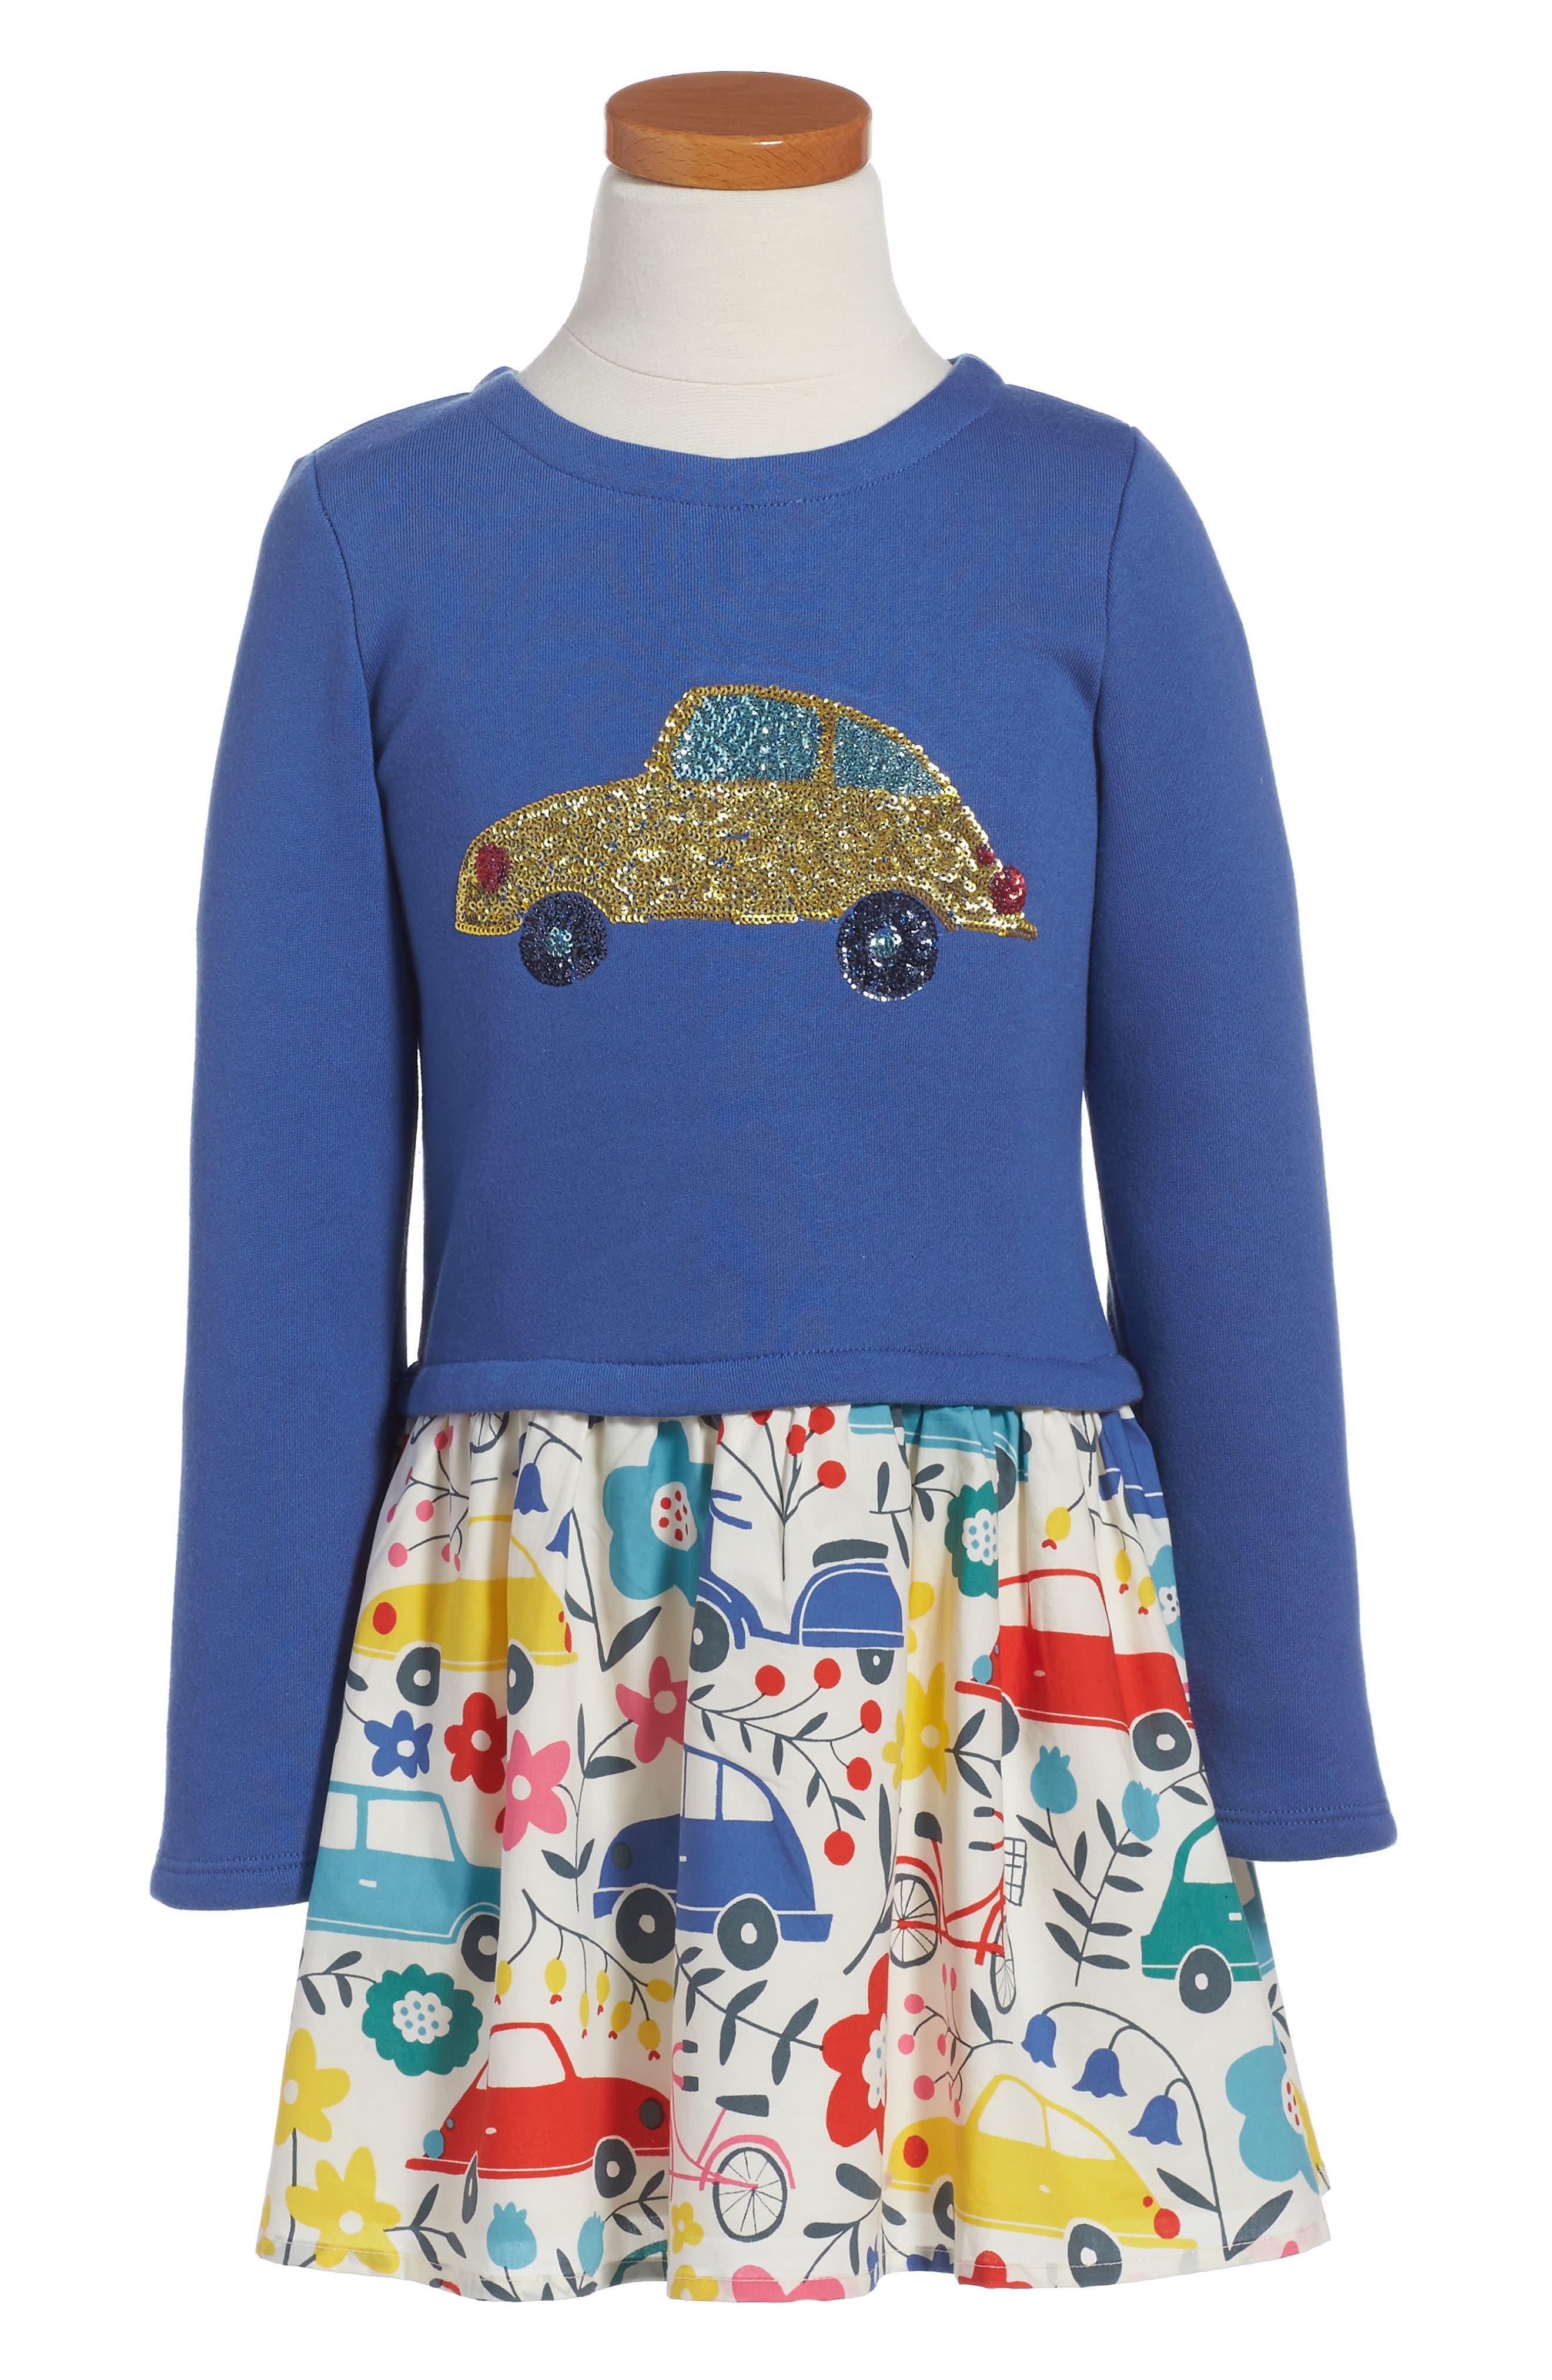 Sequin Appliqué Dress,                         Main,                         color, 402